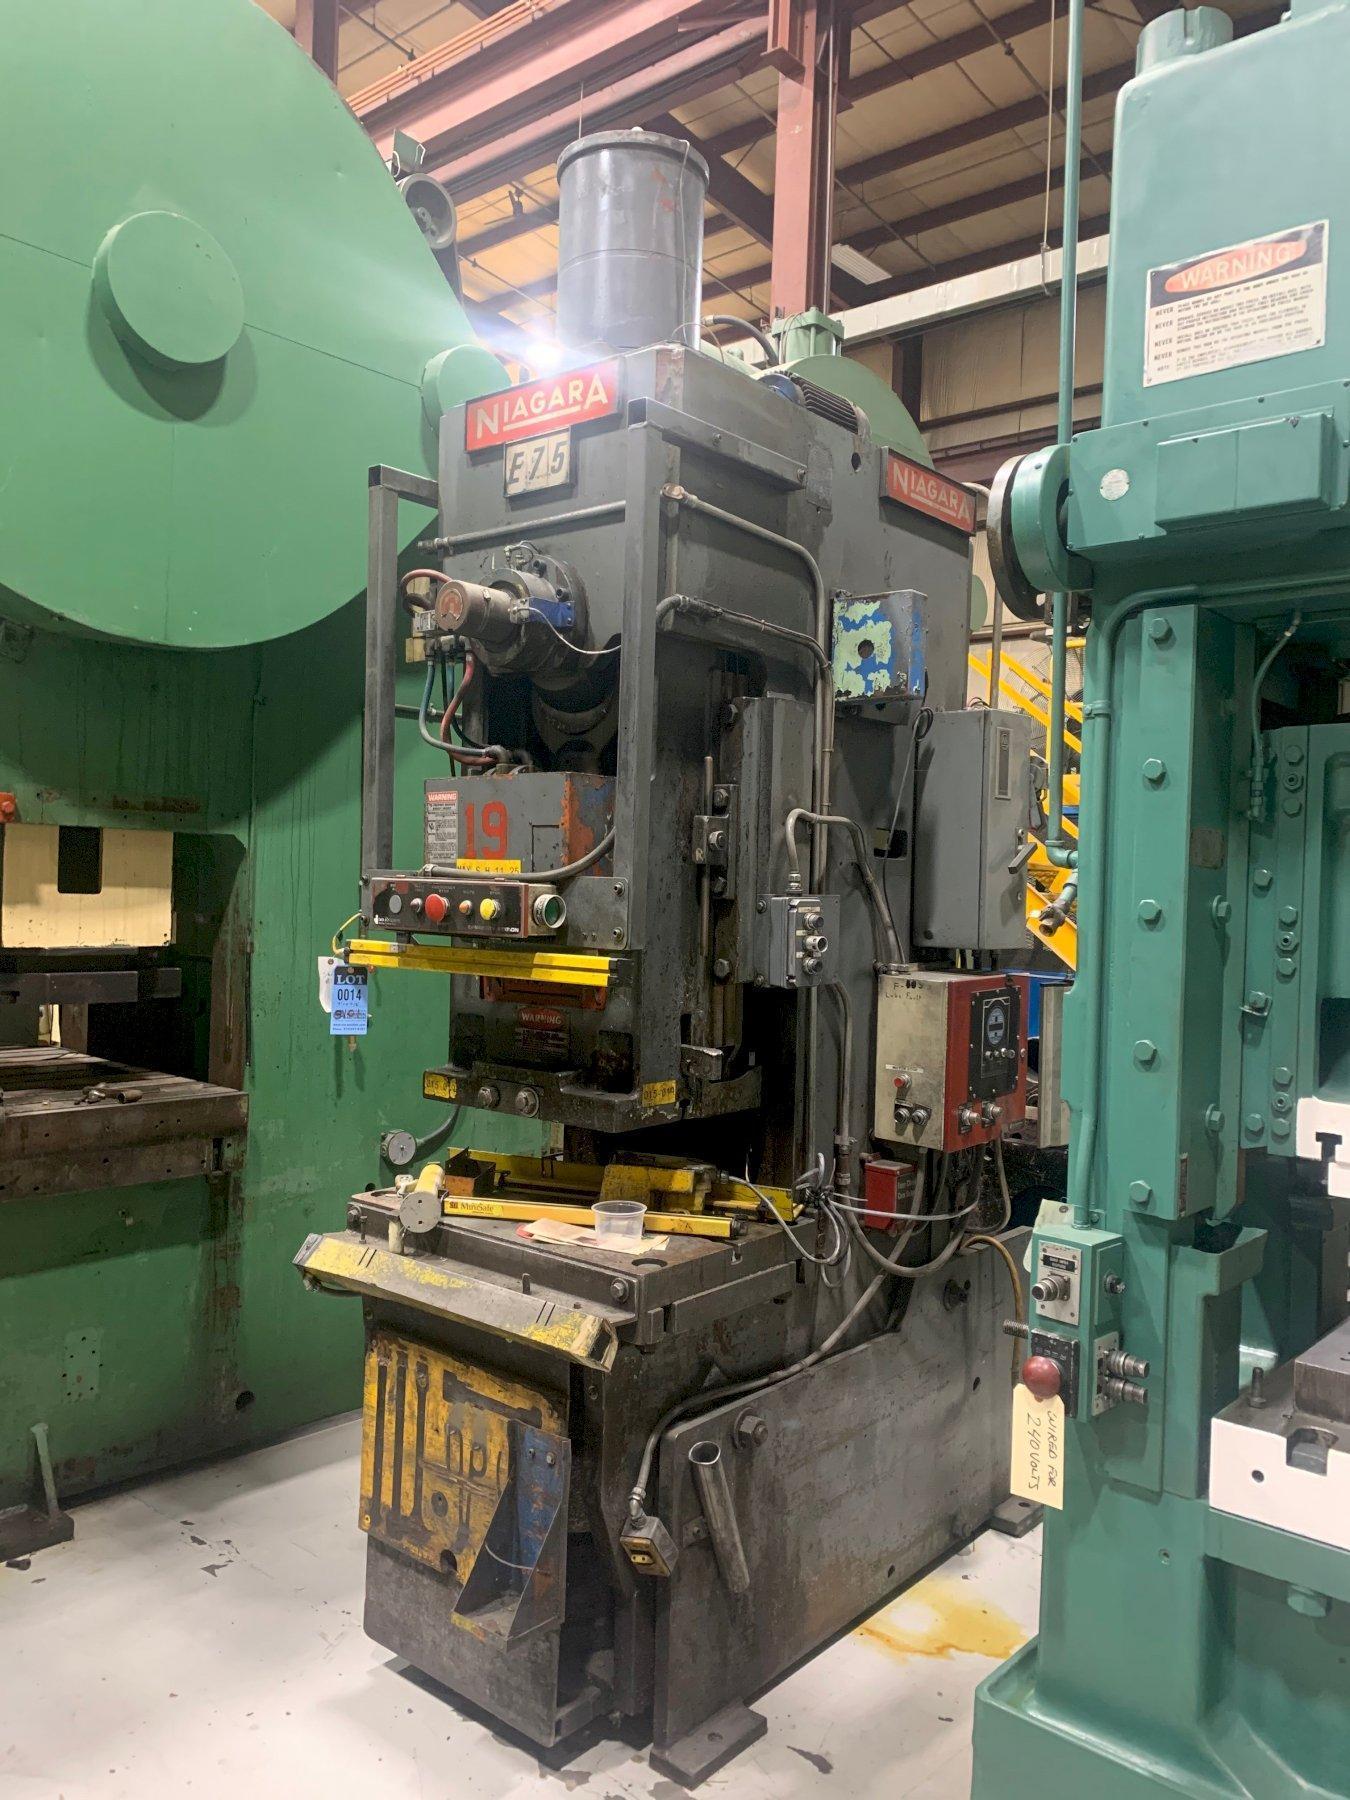 75 Ton NIAGARA E75, C-Frame Press